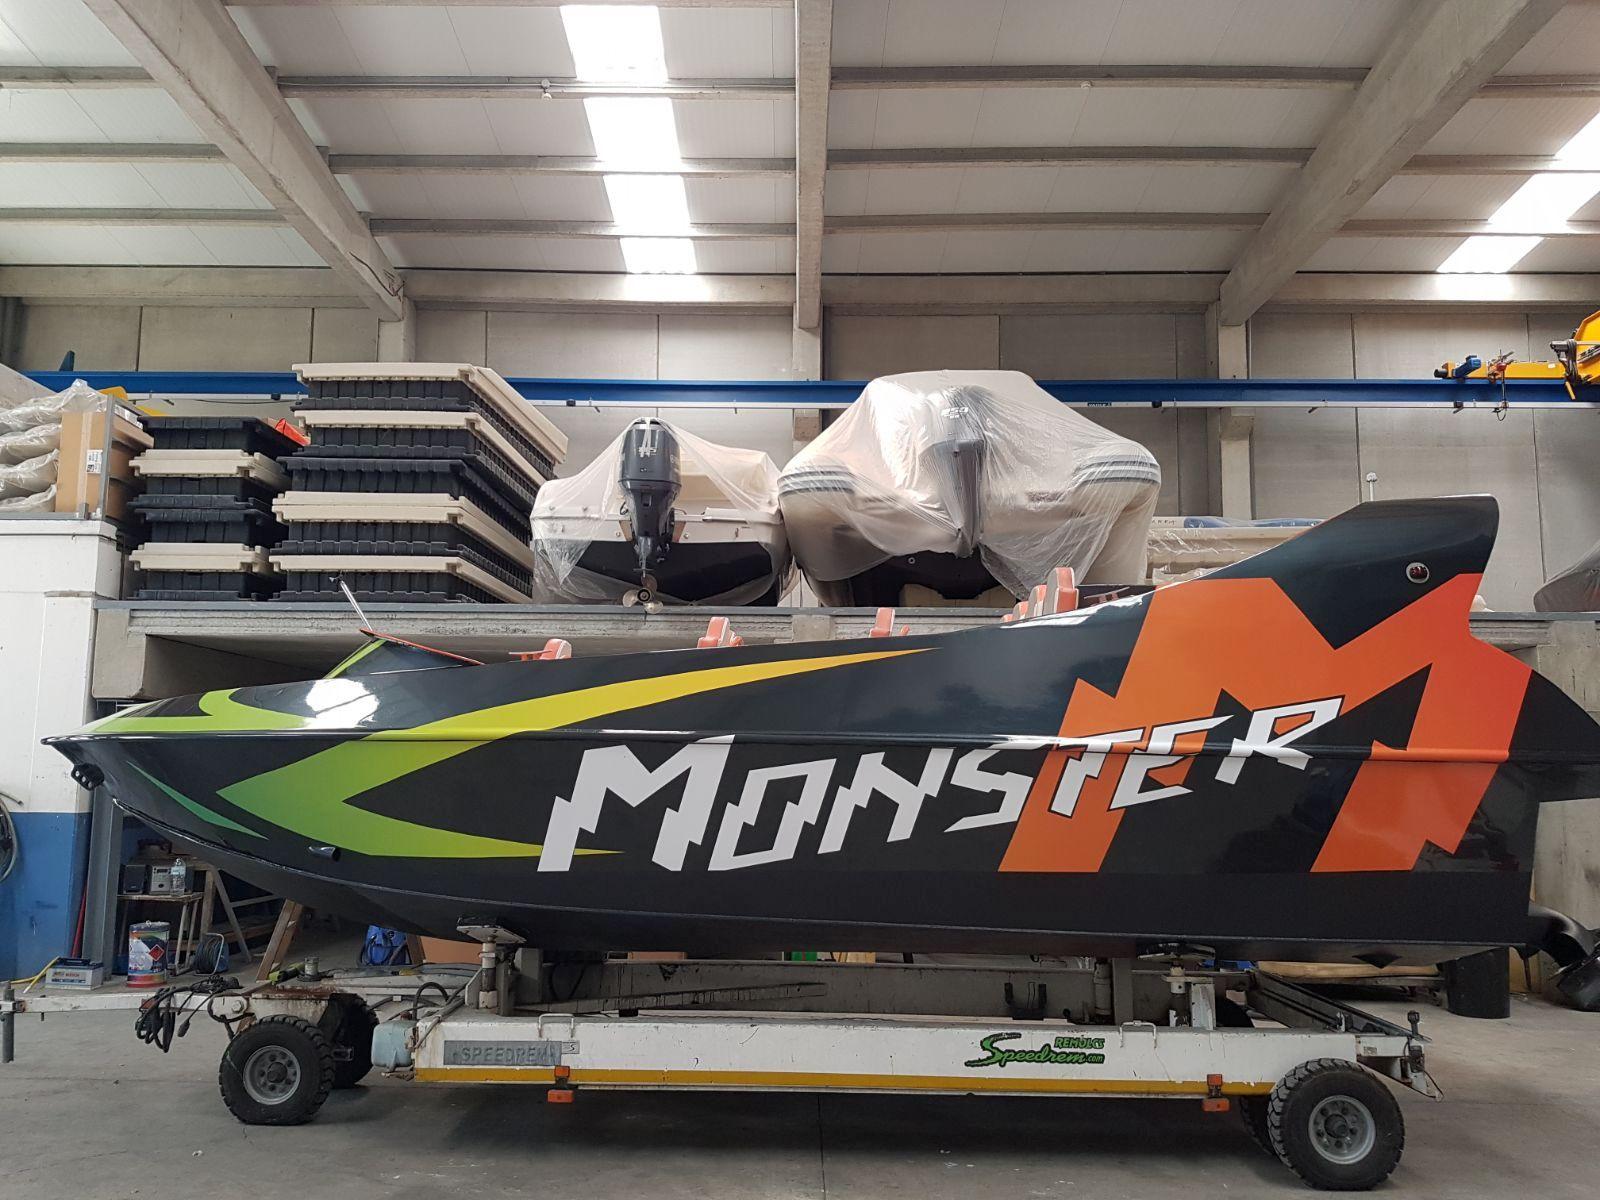 MONSTER2 - Retolació embarcacions